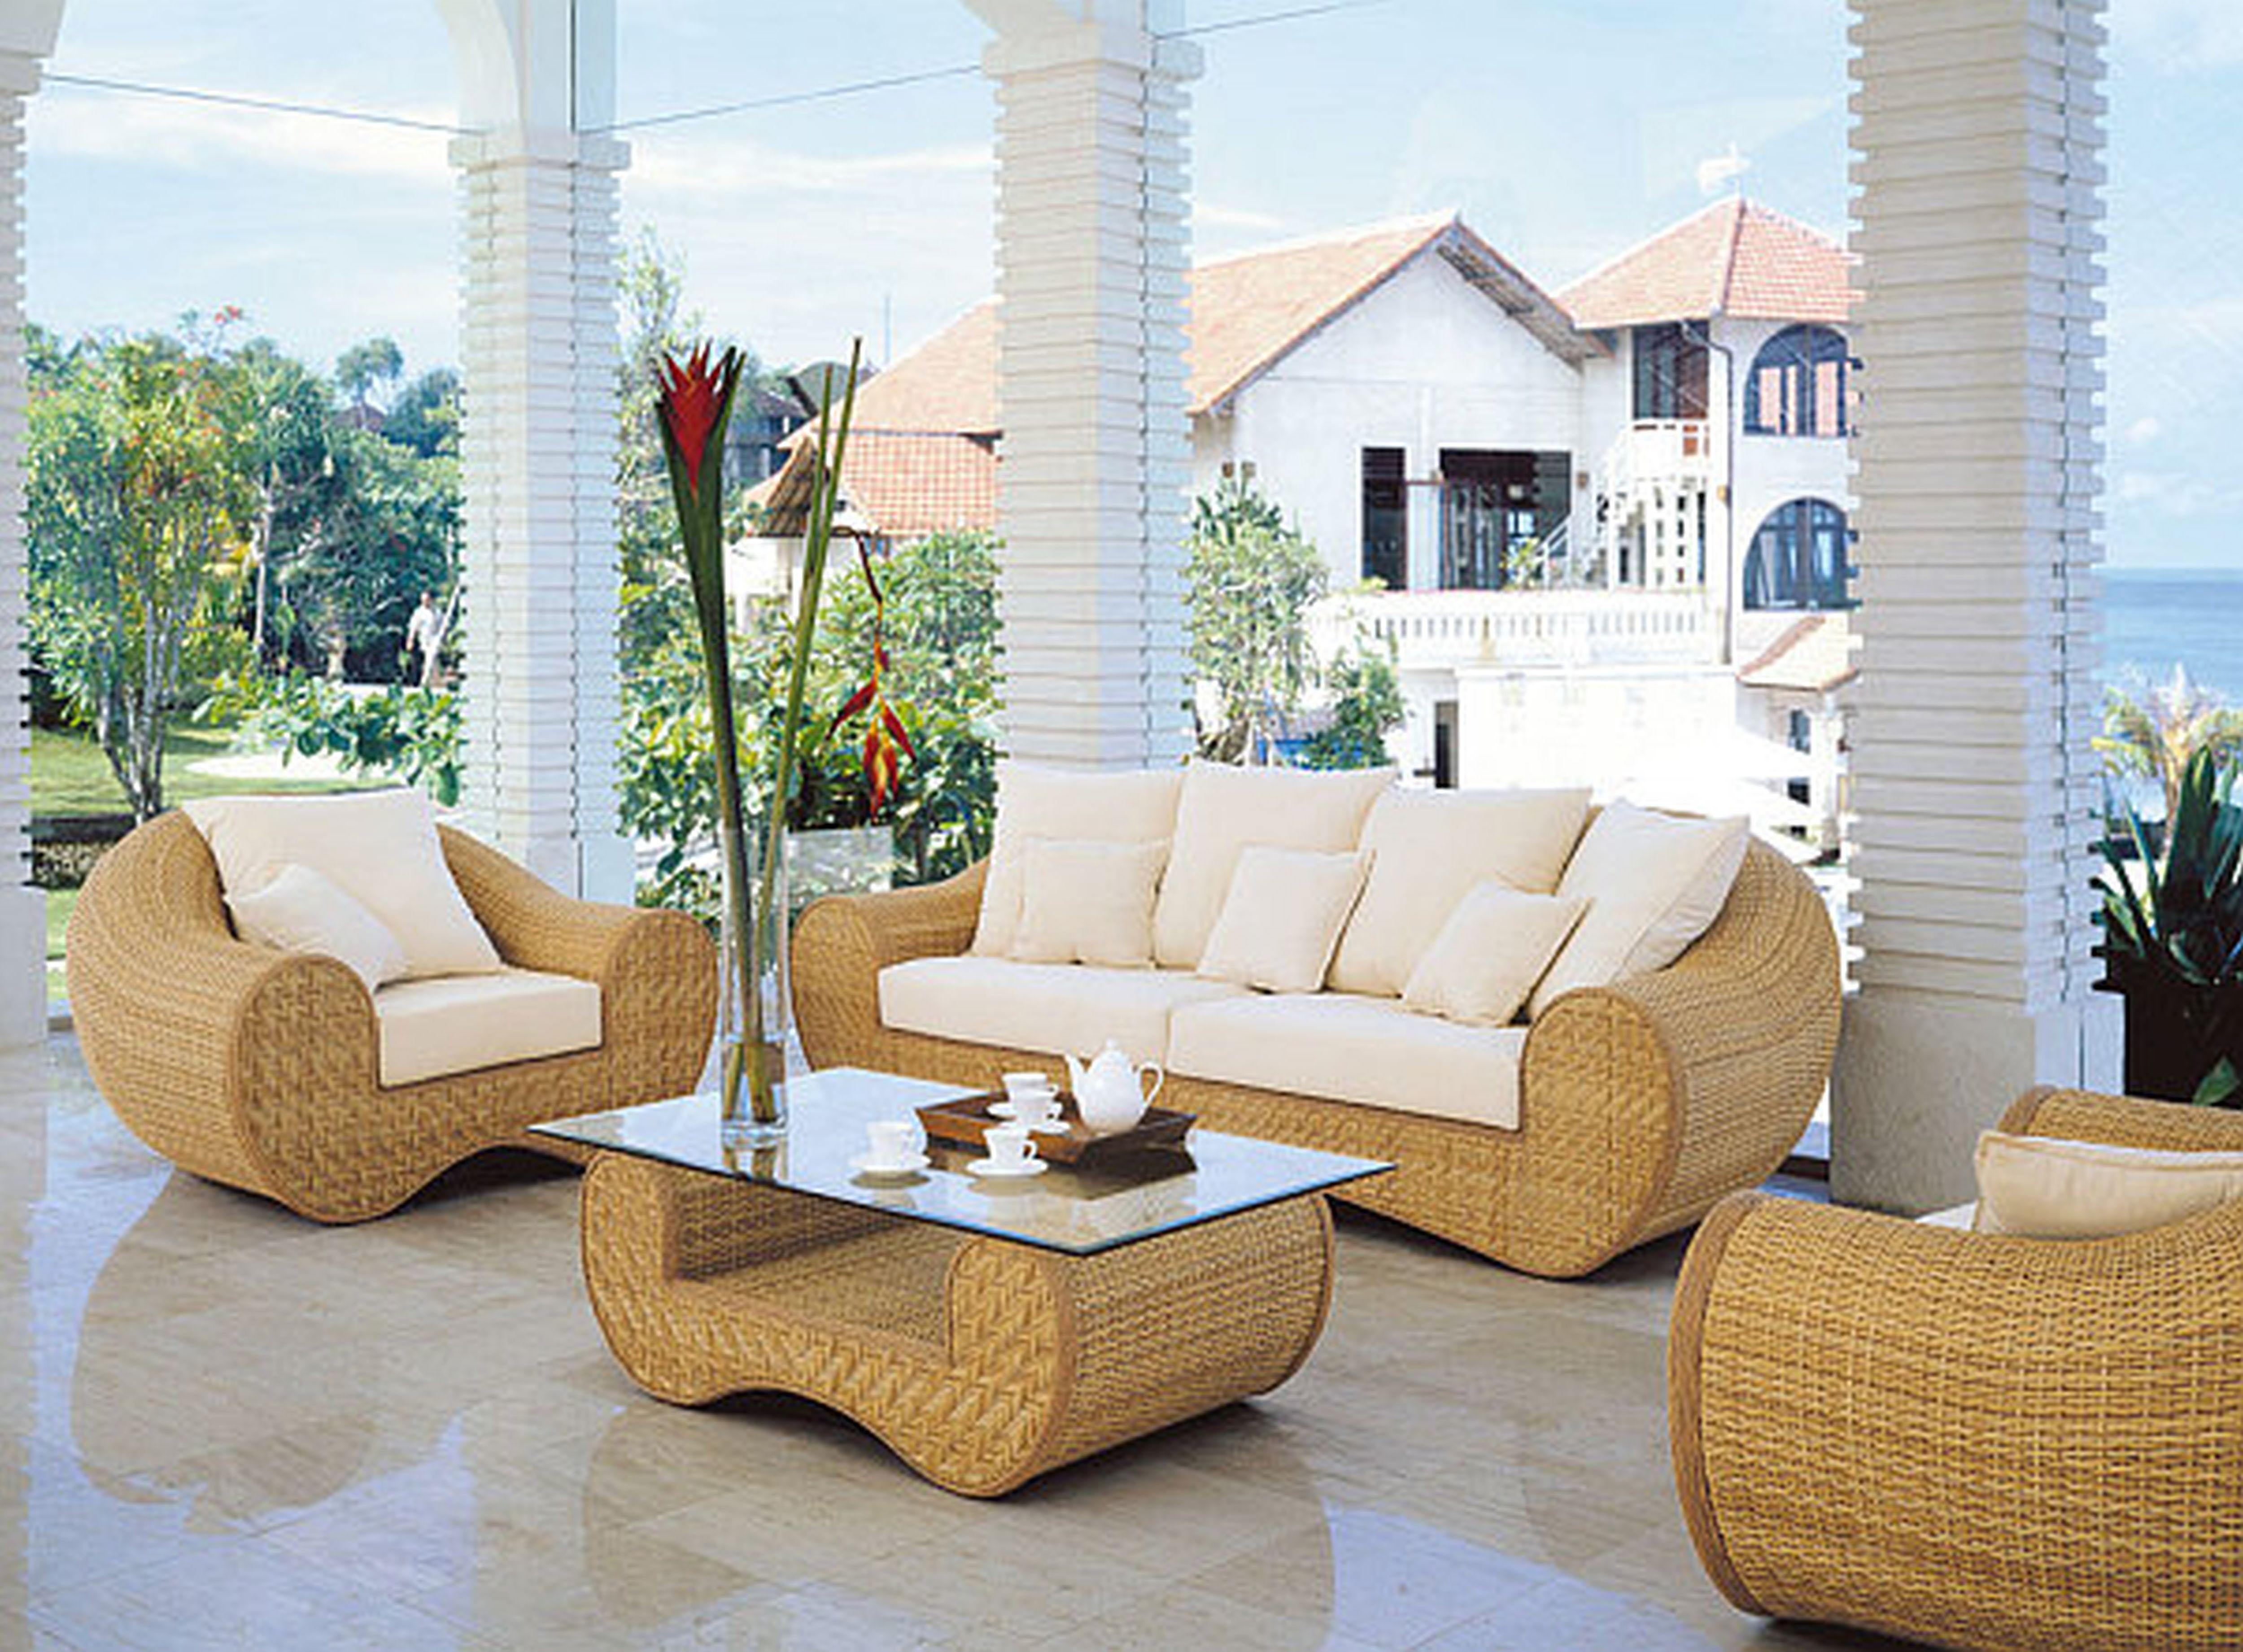 Best 25+ Indoor wicker furniture ideas on Pinterest | White wicker ...